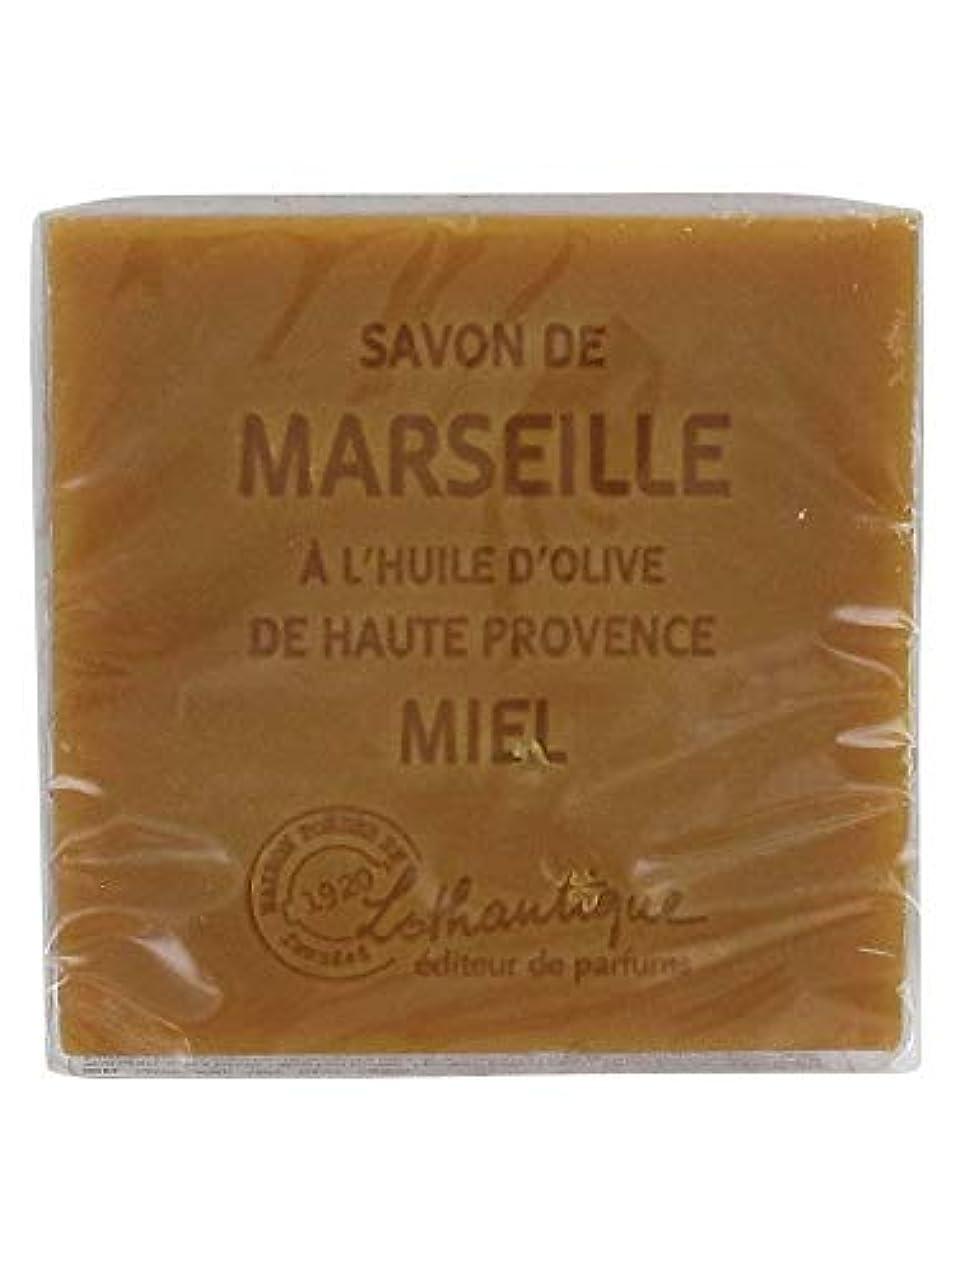 アイロニーサロンにじみ出るLothantique(ロタンティック) Les savons de Marseille(マルセイユソープ) マルセイユソープ 100g 「ハニー」 3420070038074